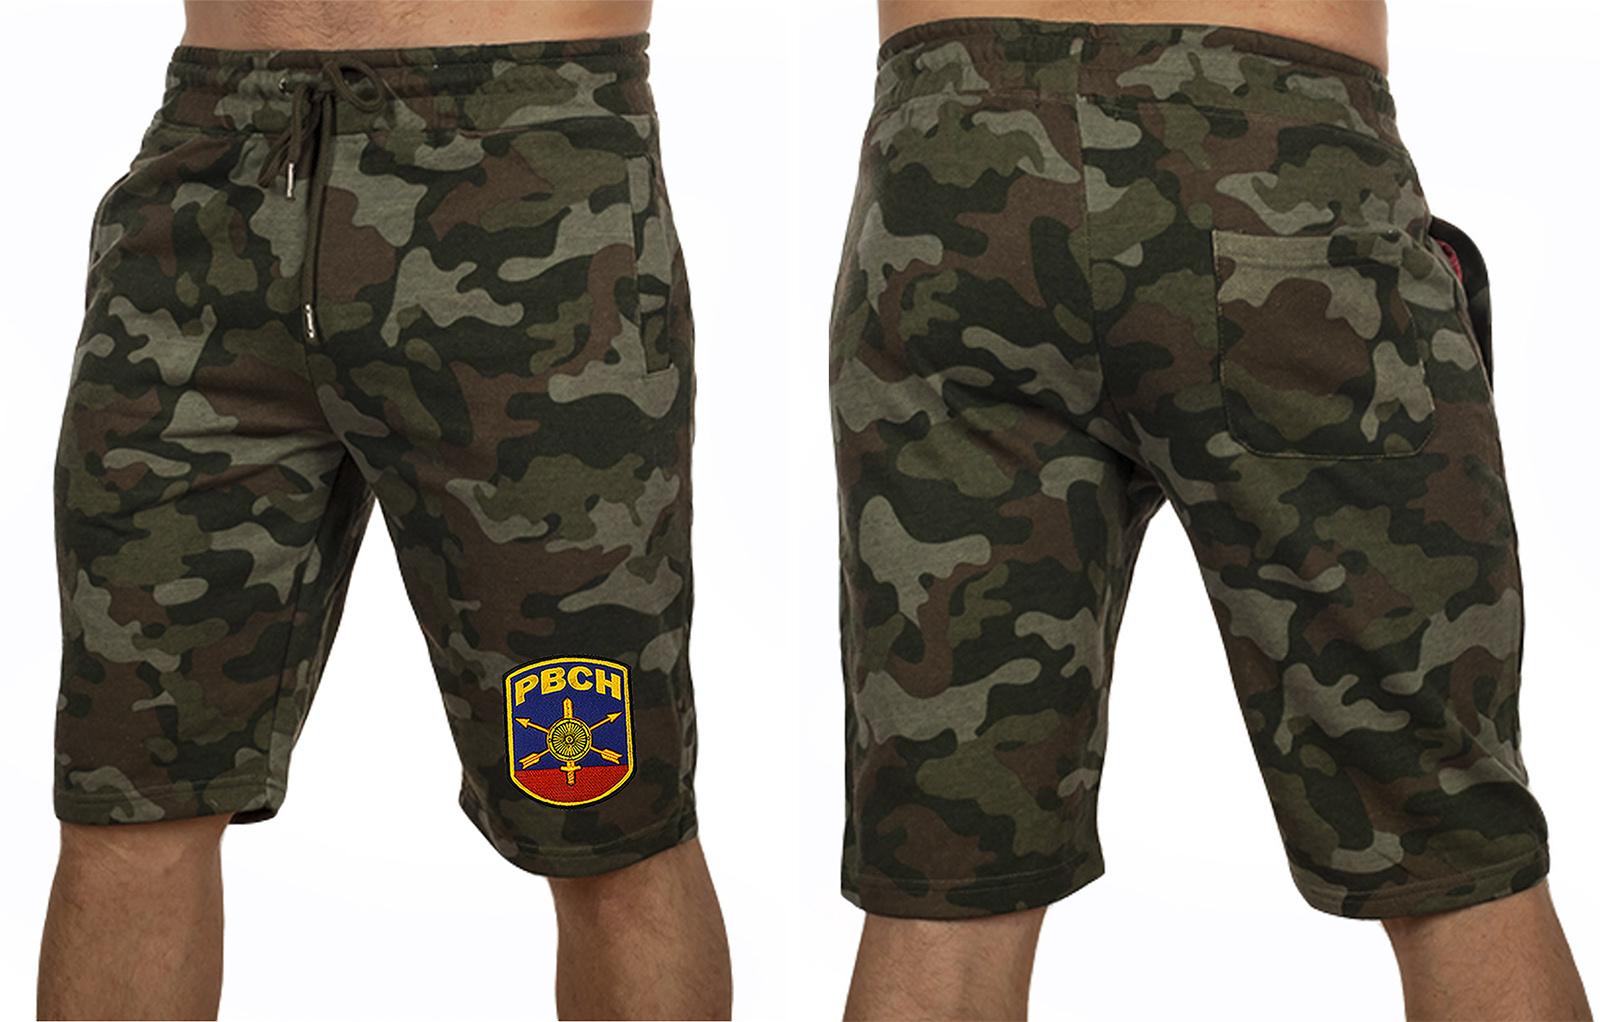 Камуфляжные шорты свободного кроя с нашивкой РВСН - заказать выгодно